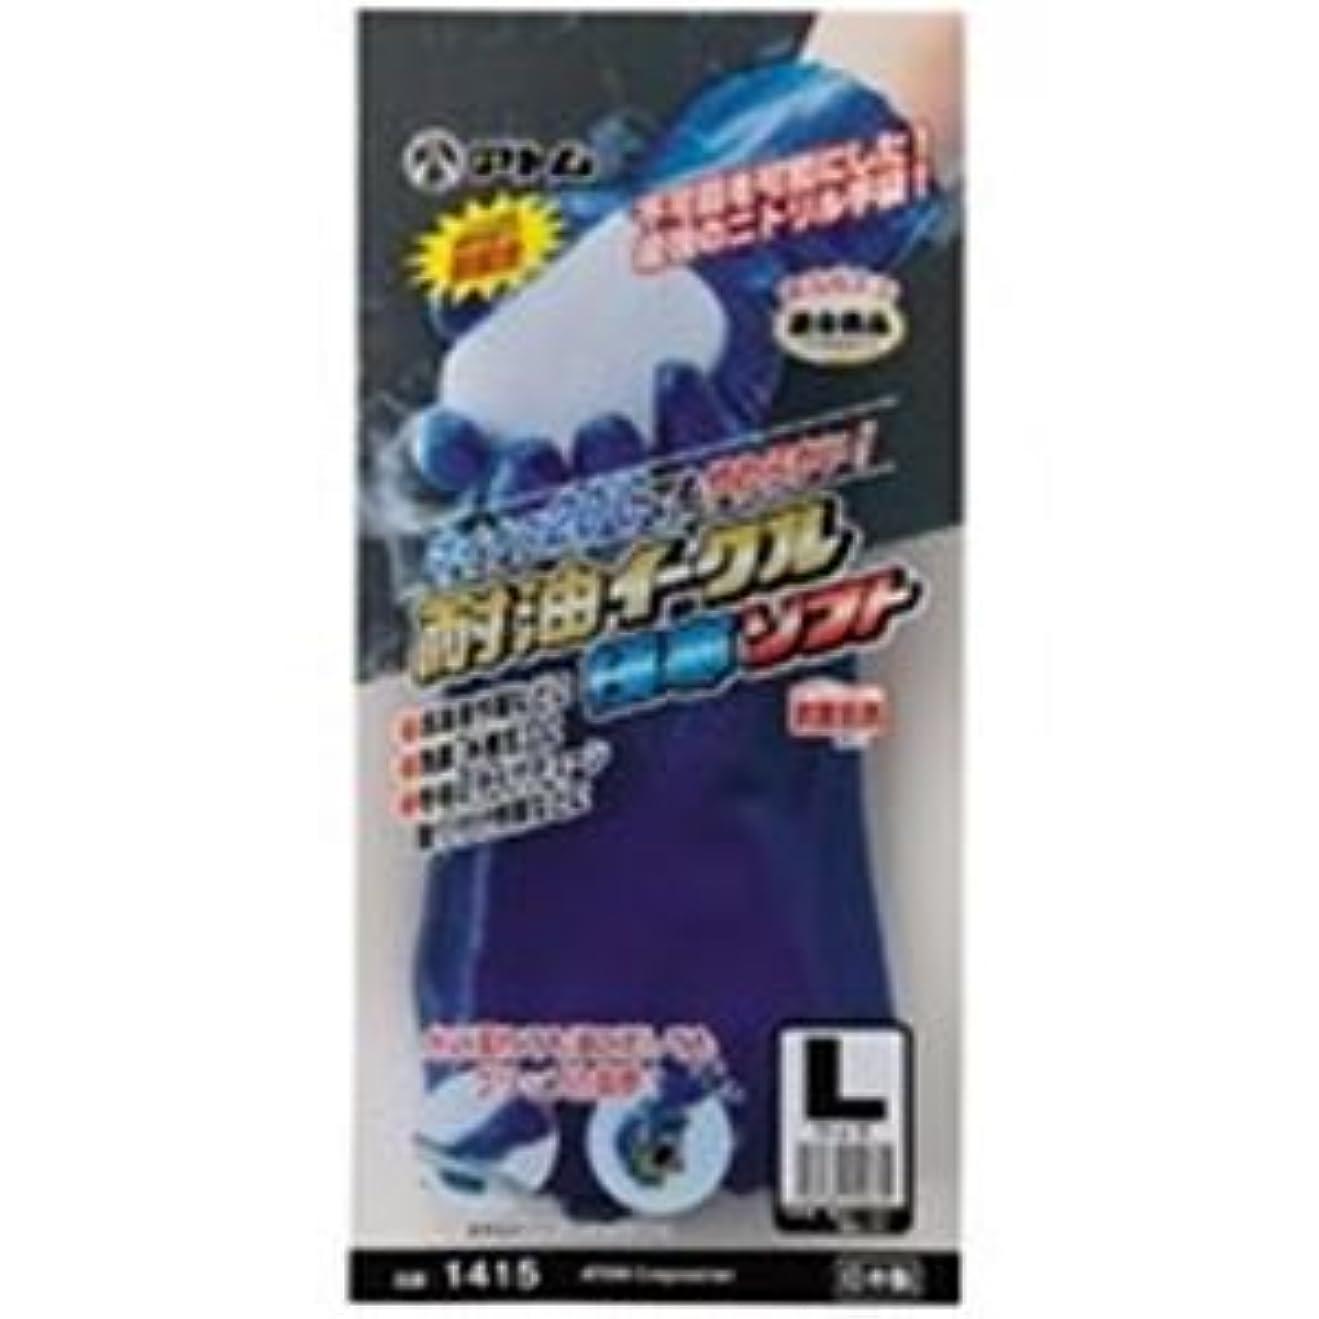 哺乳類リボン評決日用品雑貨 生活用品 (業務用100セット) 耐油イーグル 1415-L 極寒ソフト